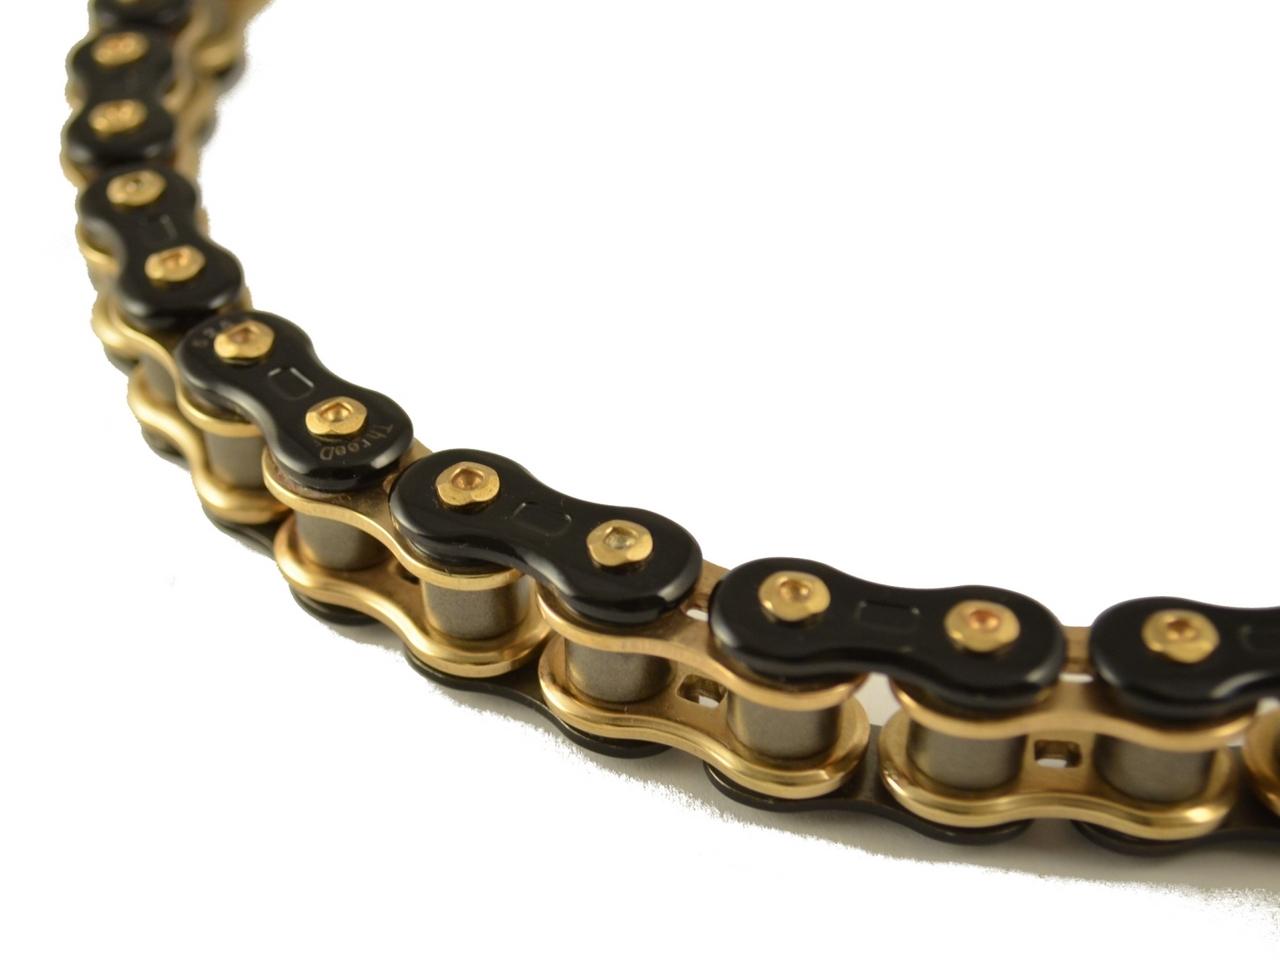 3D 鏈條 525Z 黑色&金色